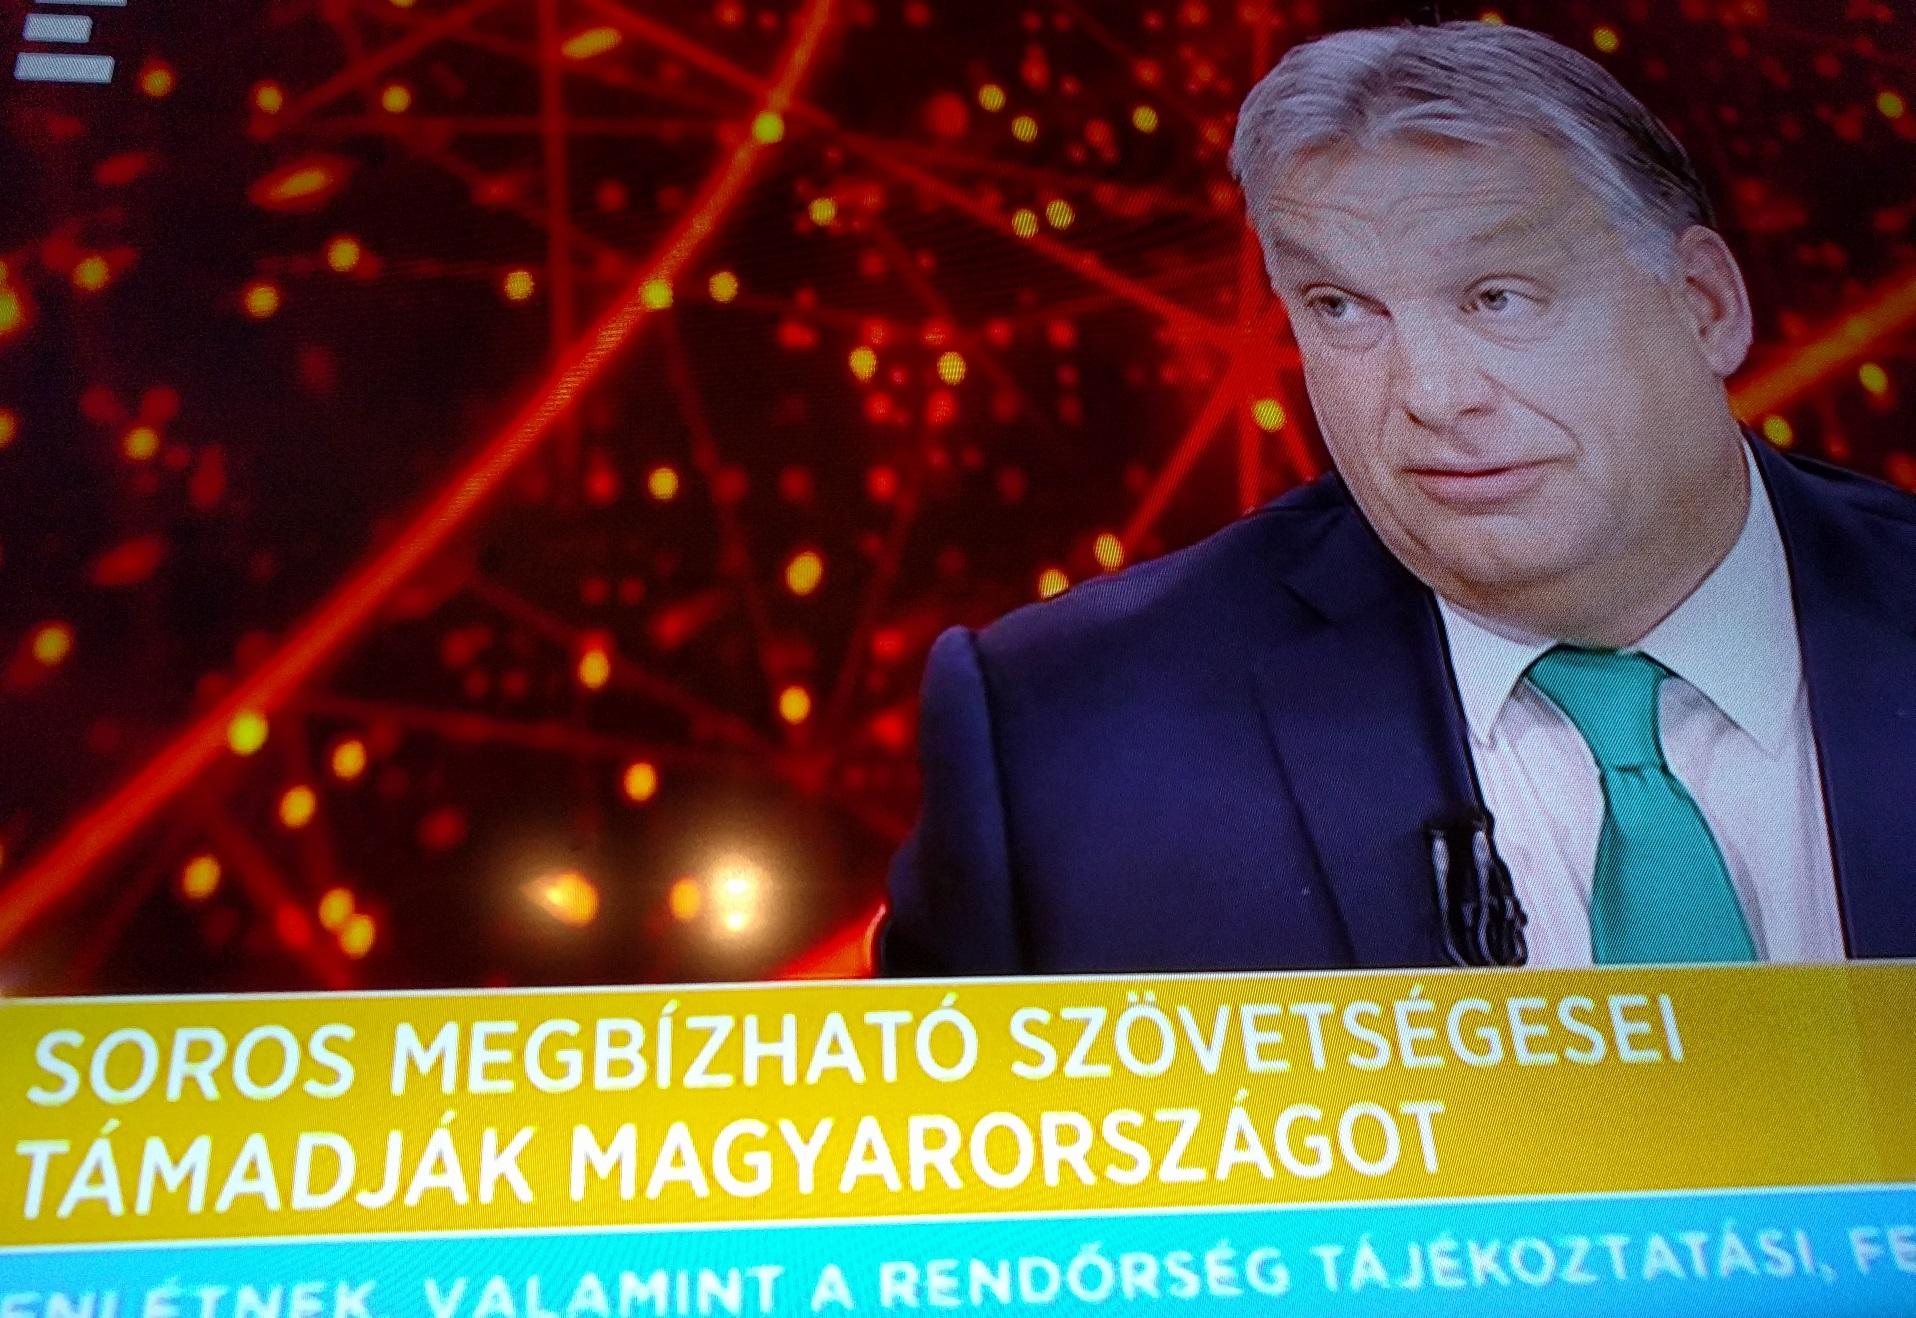 Orbán: Ma már nagyon nehéz véleményeket elnyomni egy országban, hiszen mindannyian újságírók lettünk, mert fent vagyunk a közösségi médiában